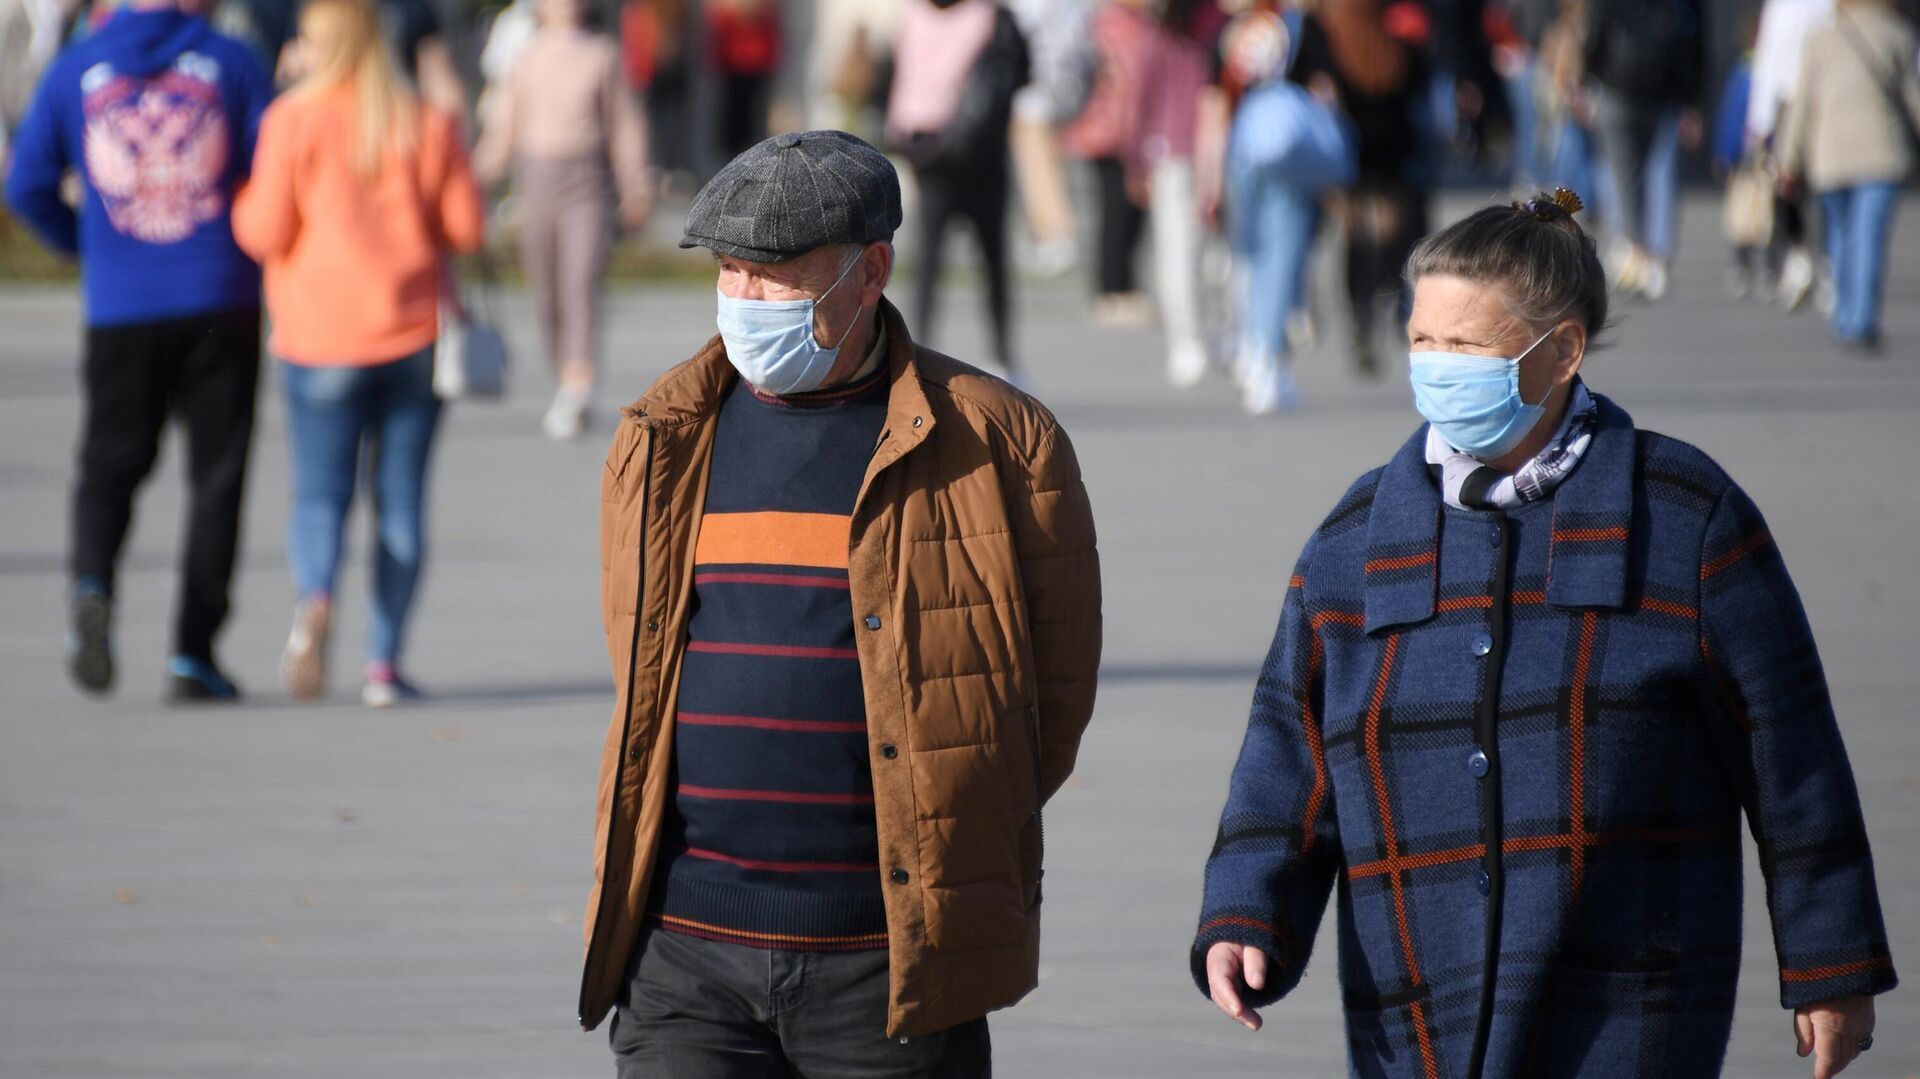 Люди в медицинских масках на территории парка ВДНХ в Москве - РИА Новости, 1920, 27.10.2020